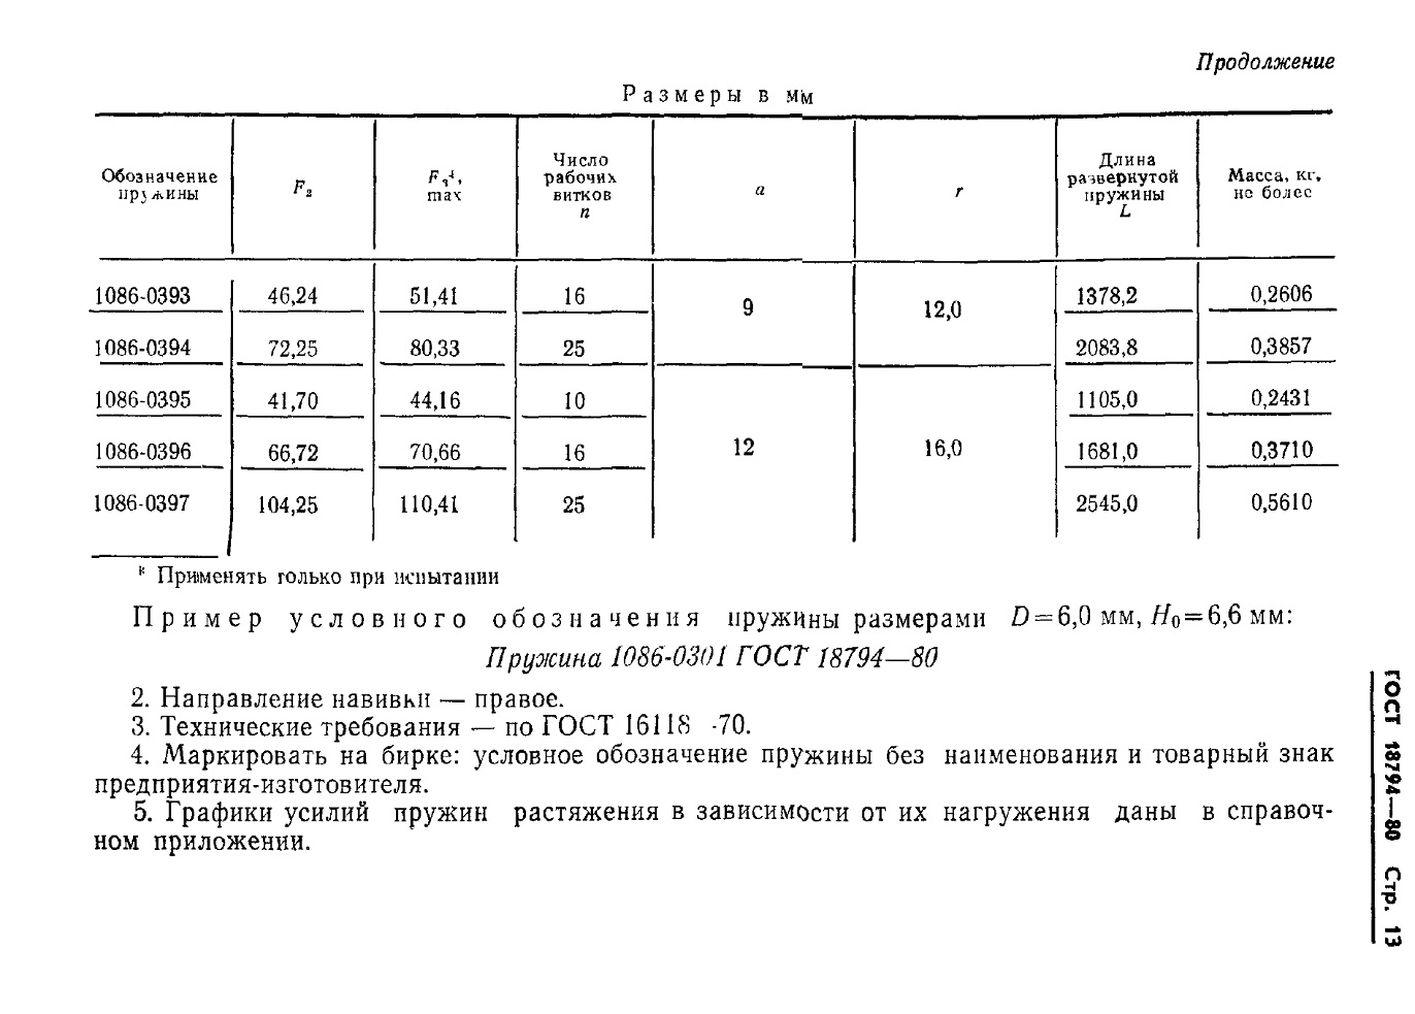 Пружины растяжения ГОСТ 18794-80 стр.13